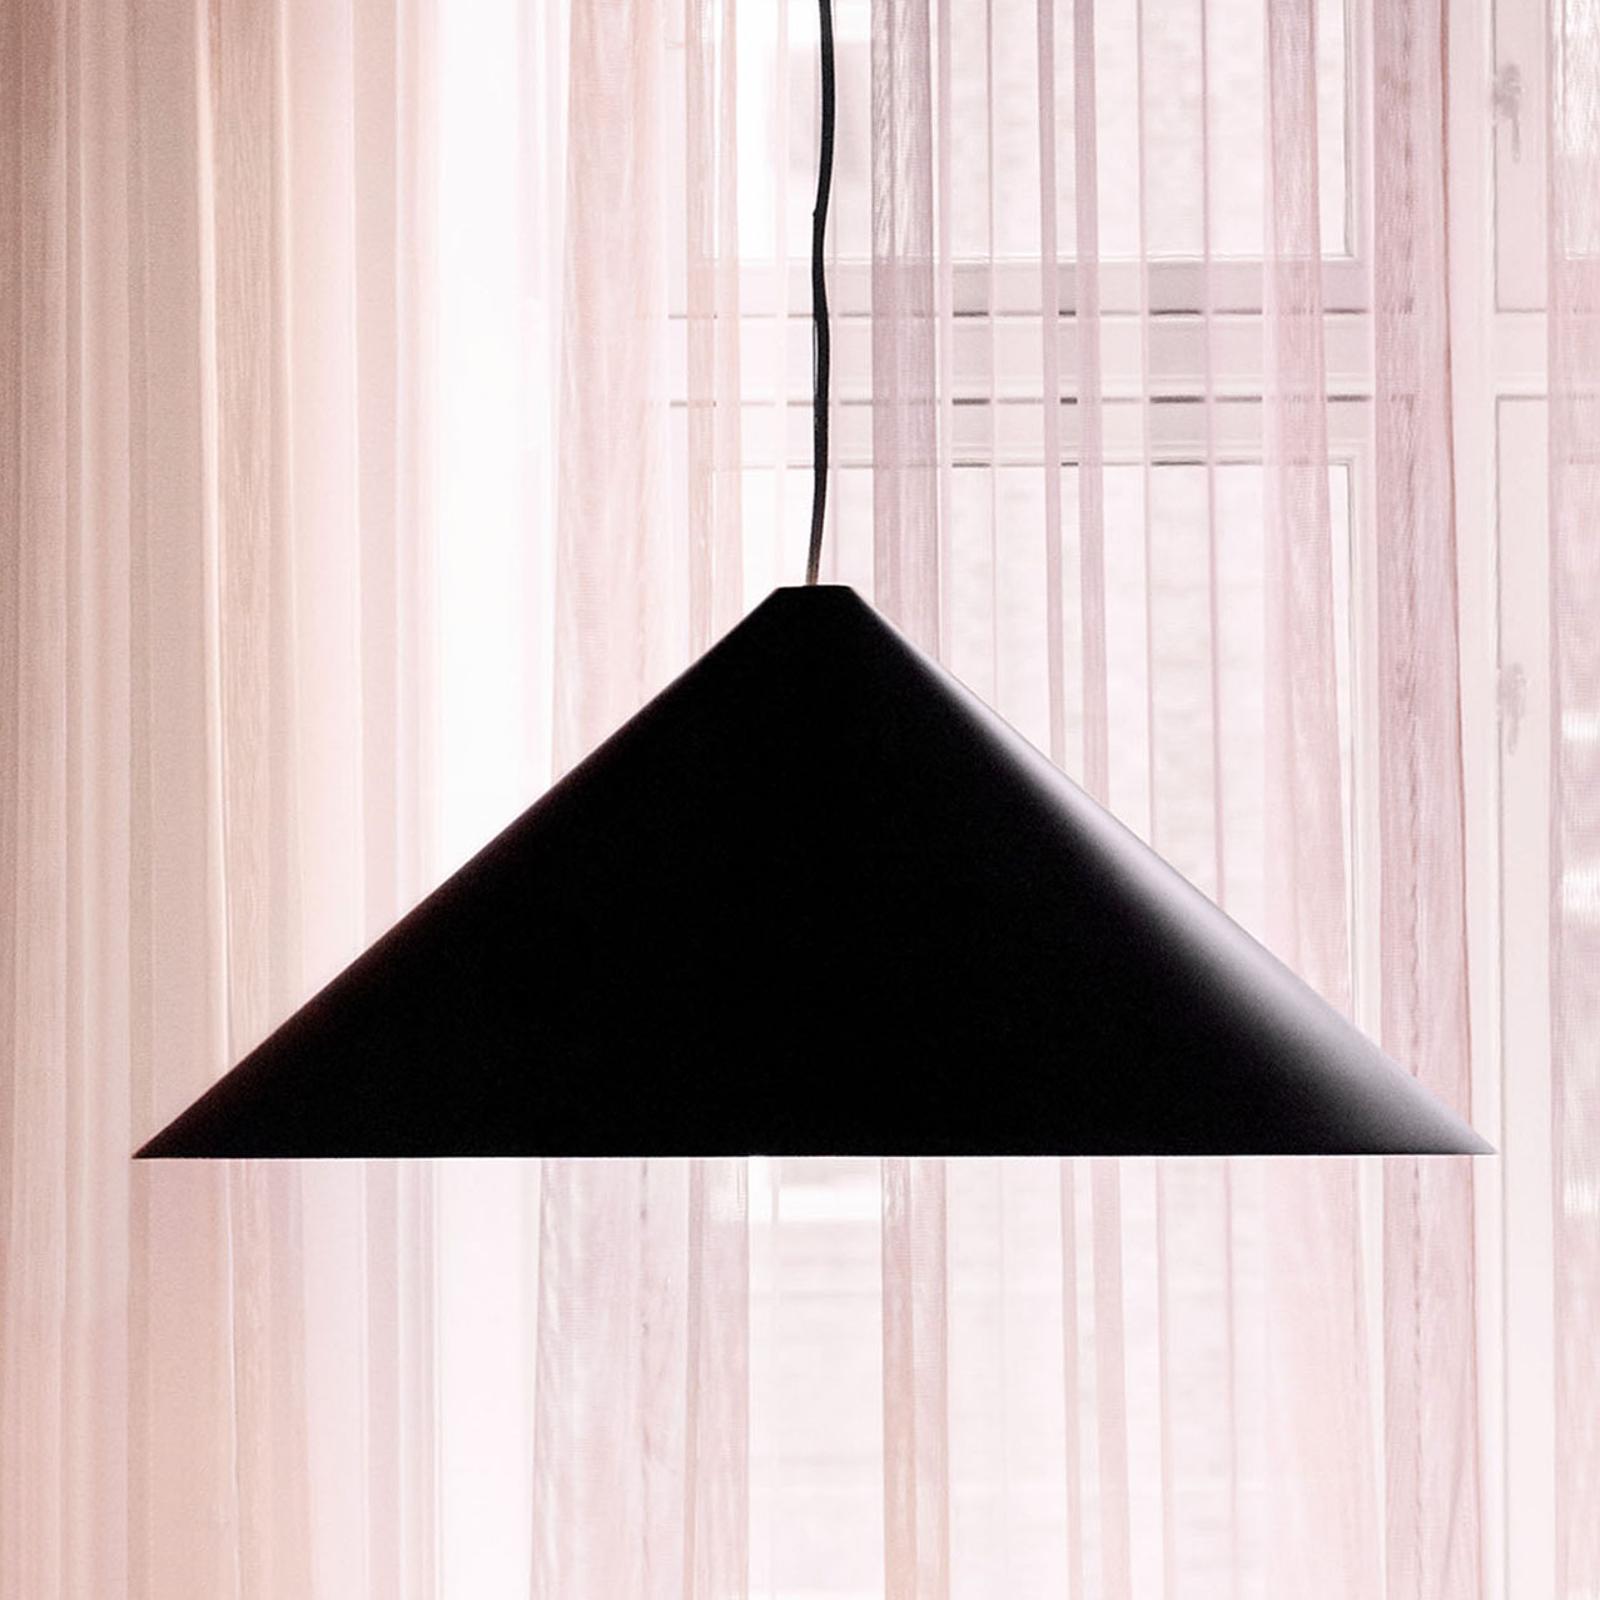 Louis Poulsen Keglen LED hanglamp 65cm zwart